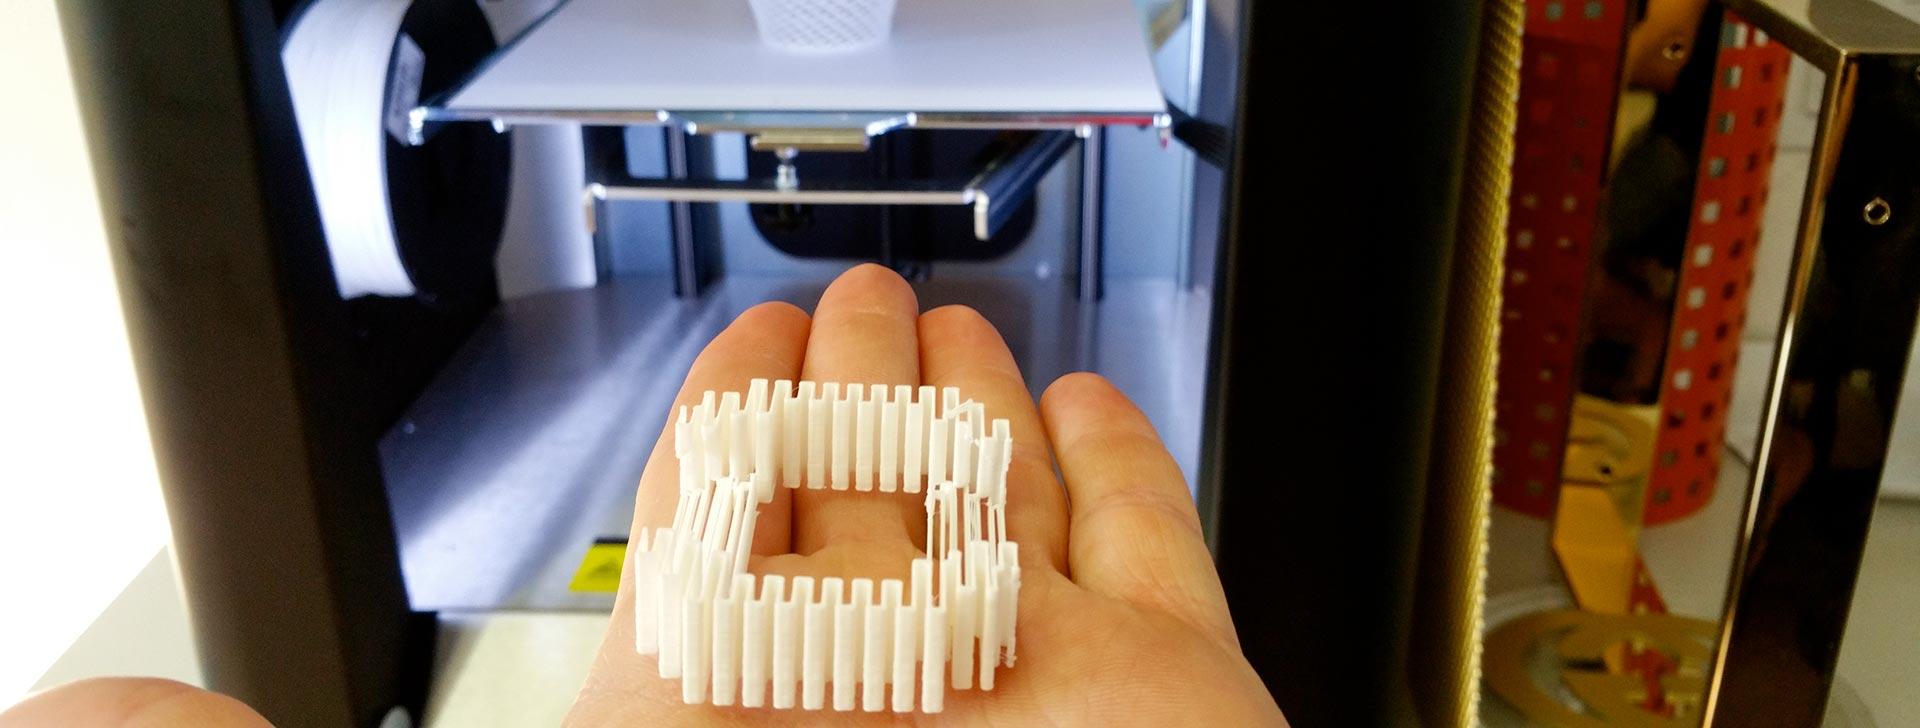 Stampa prototipi 3d ambito meccanico architettonico e di for Design architettonico gratuito